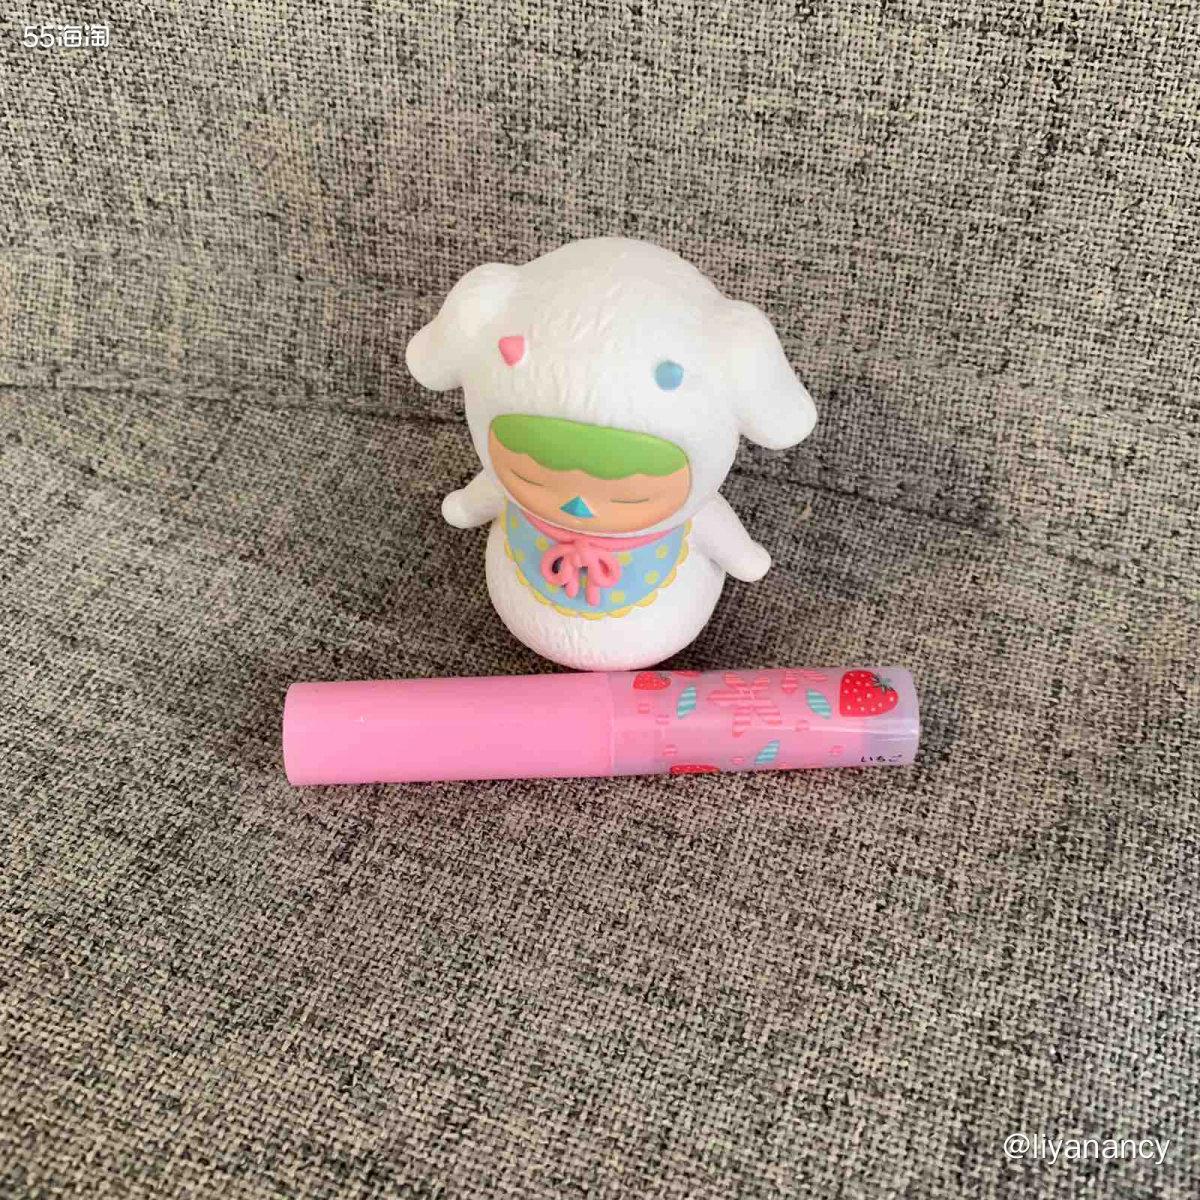 小草莓唇膏  ✨这个唇膏也蛮火的,是性价比很高的一只唇膏,我